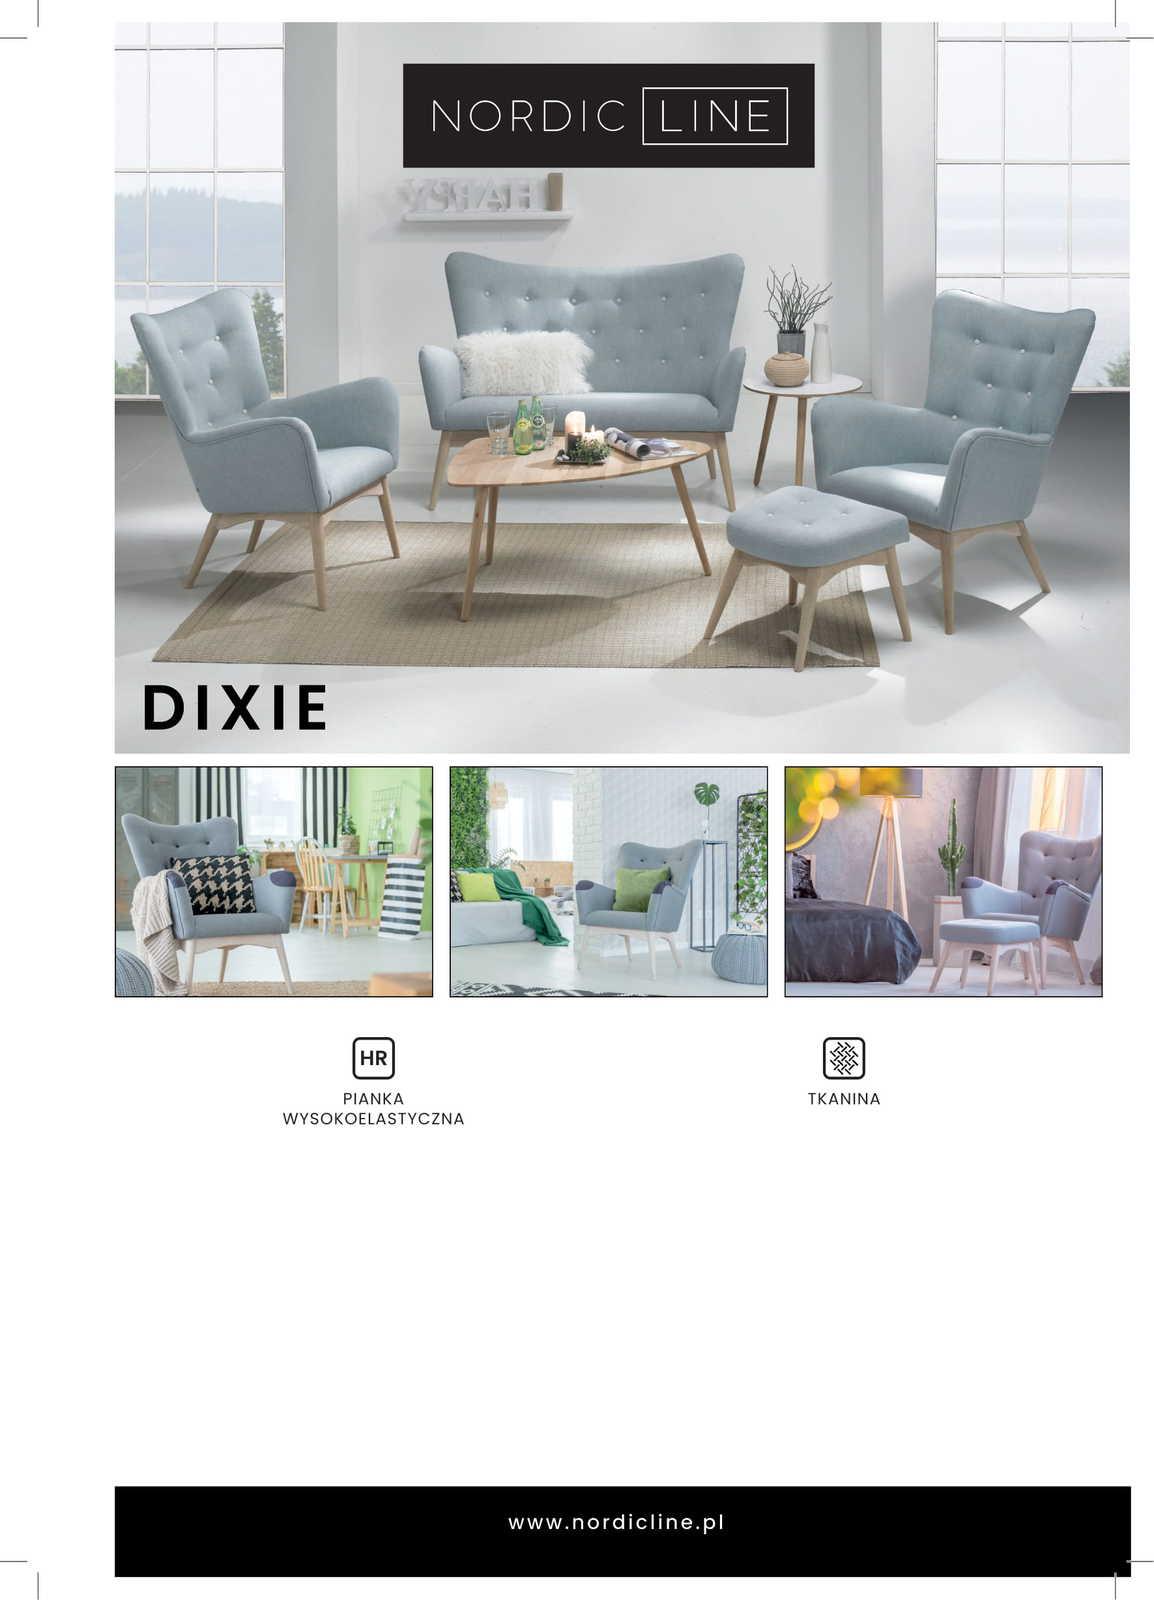 Dixie 1